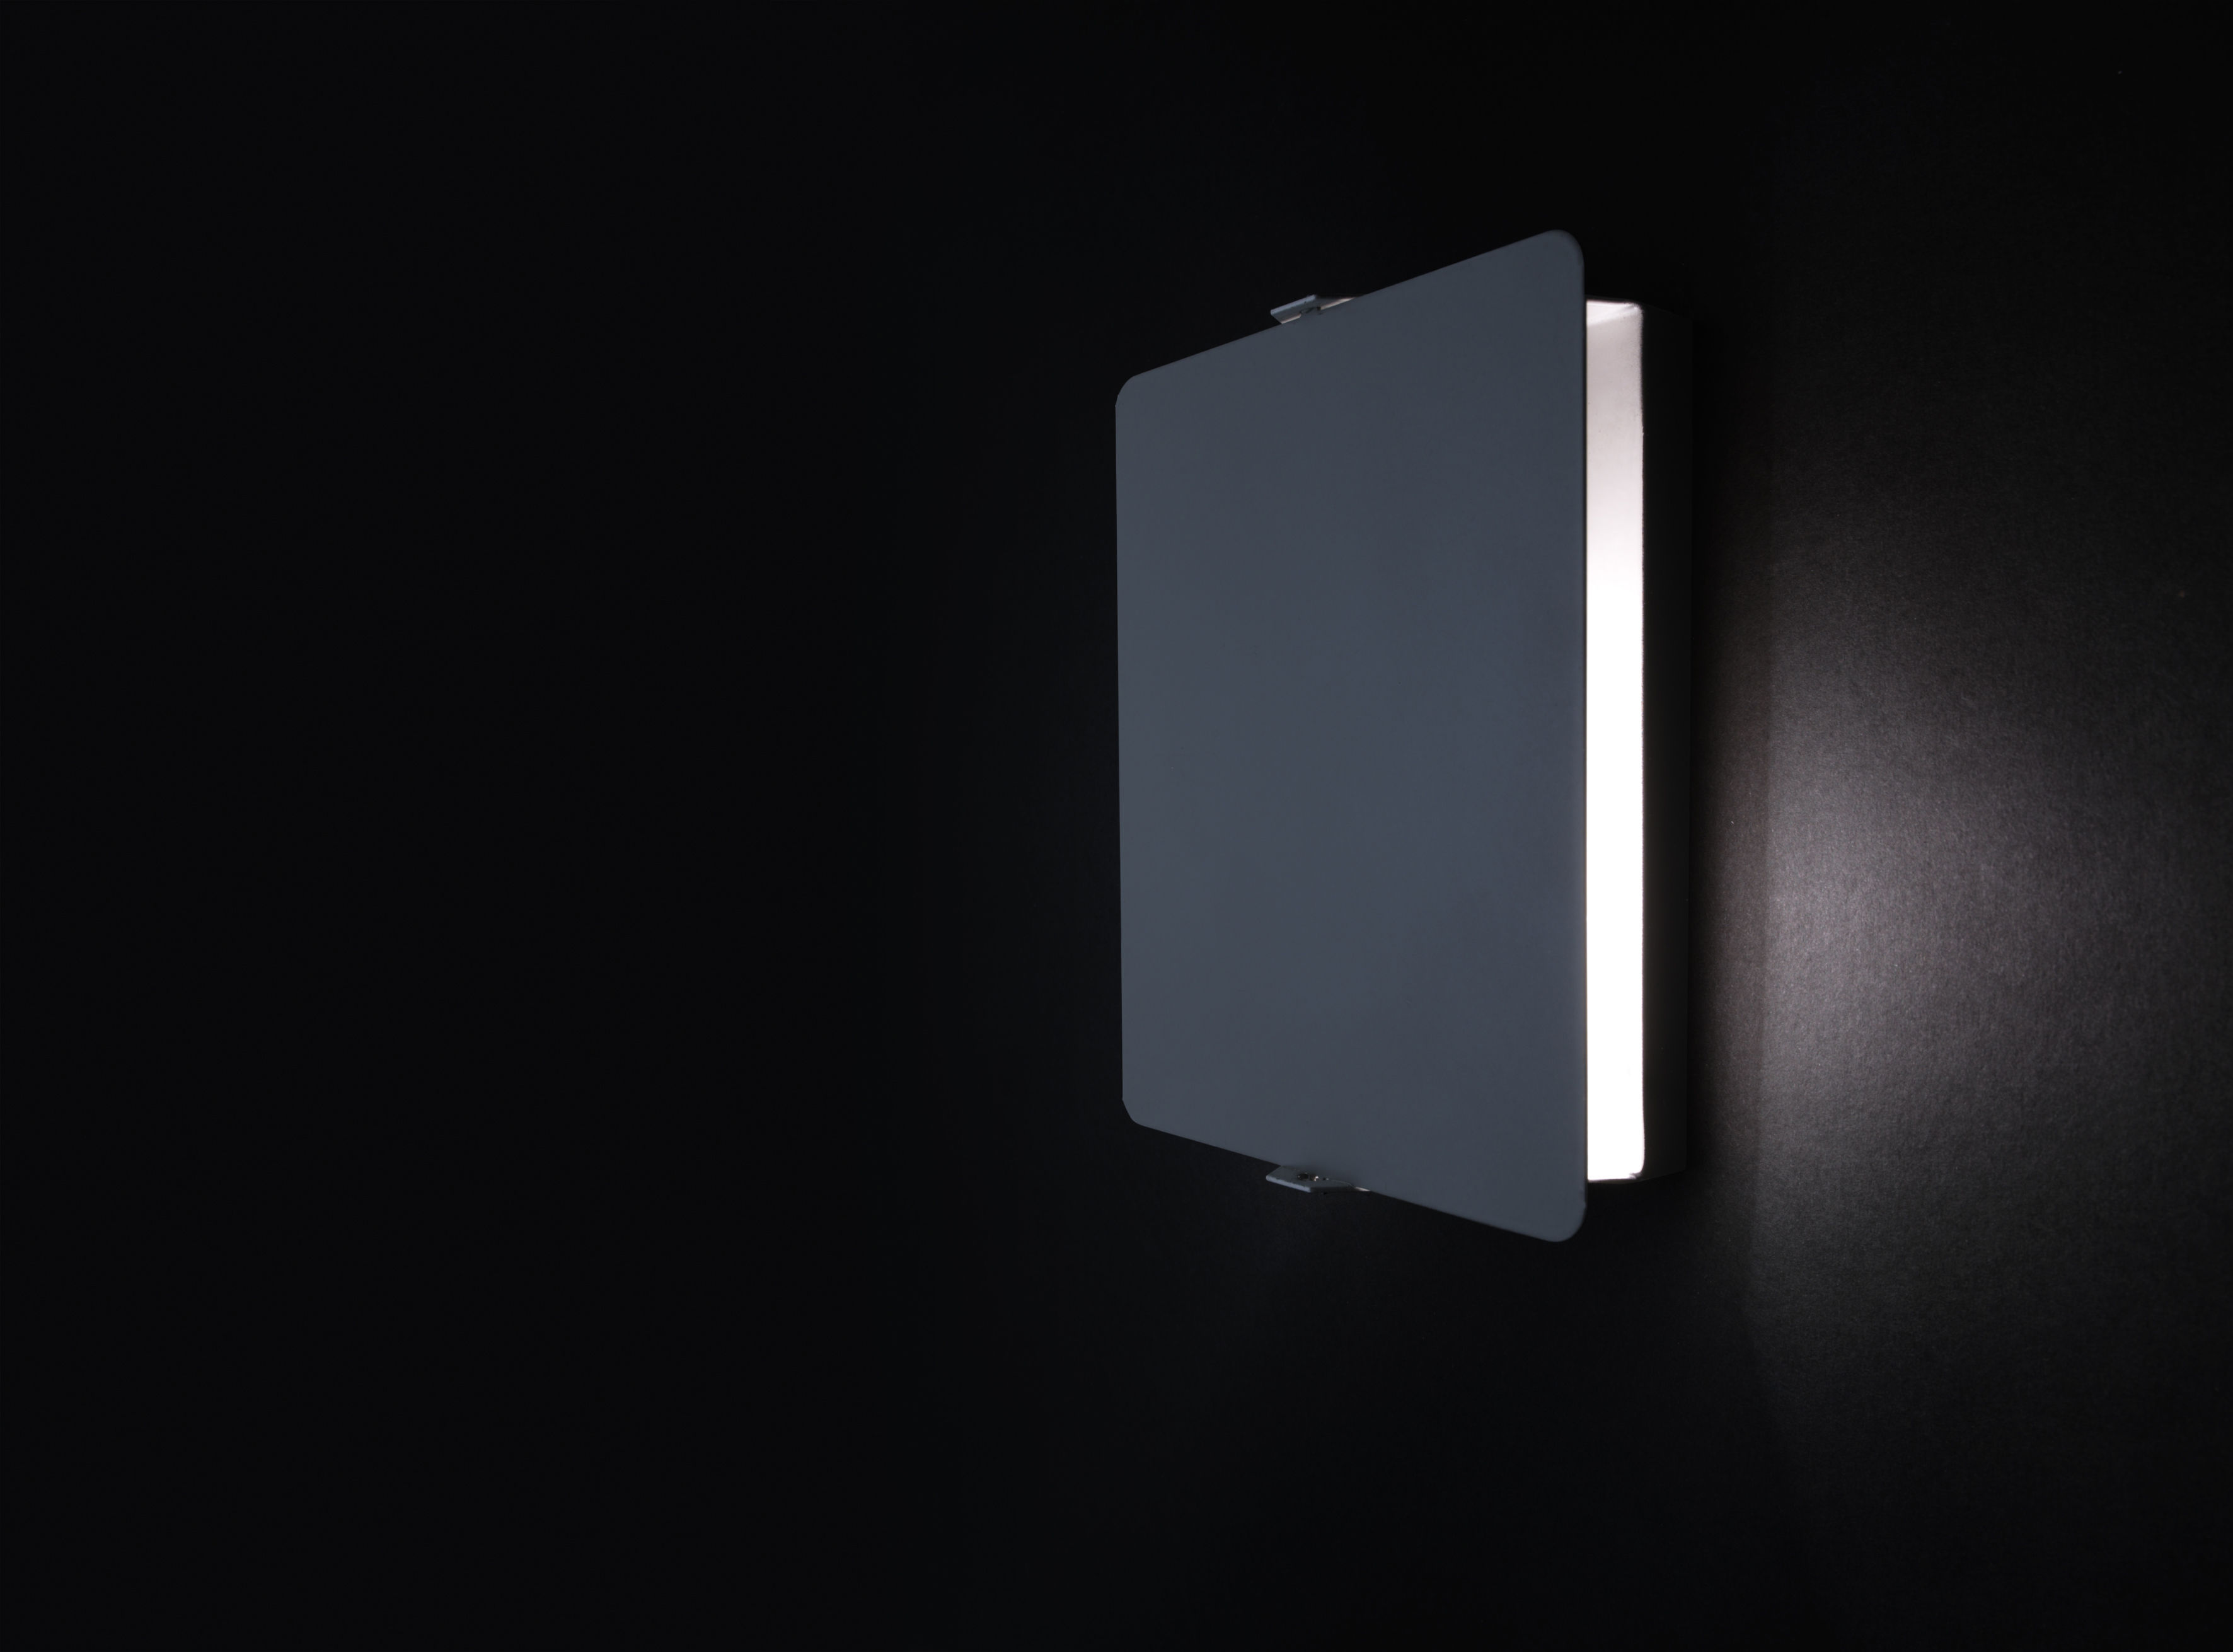 applique by charlotte perriand riedizione 1962 bianco placca girevole nera by nemo made. Black Bedroom Furniture Sets. Home Design Ideas